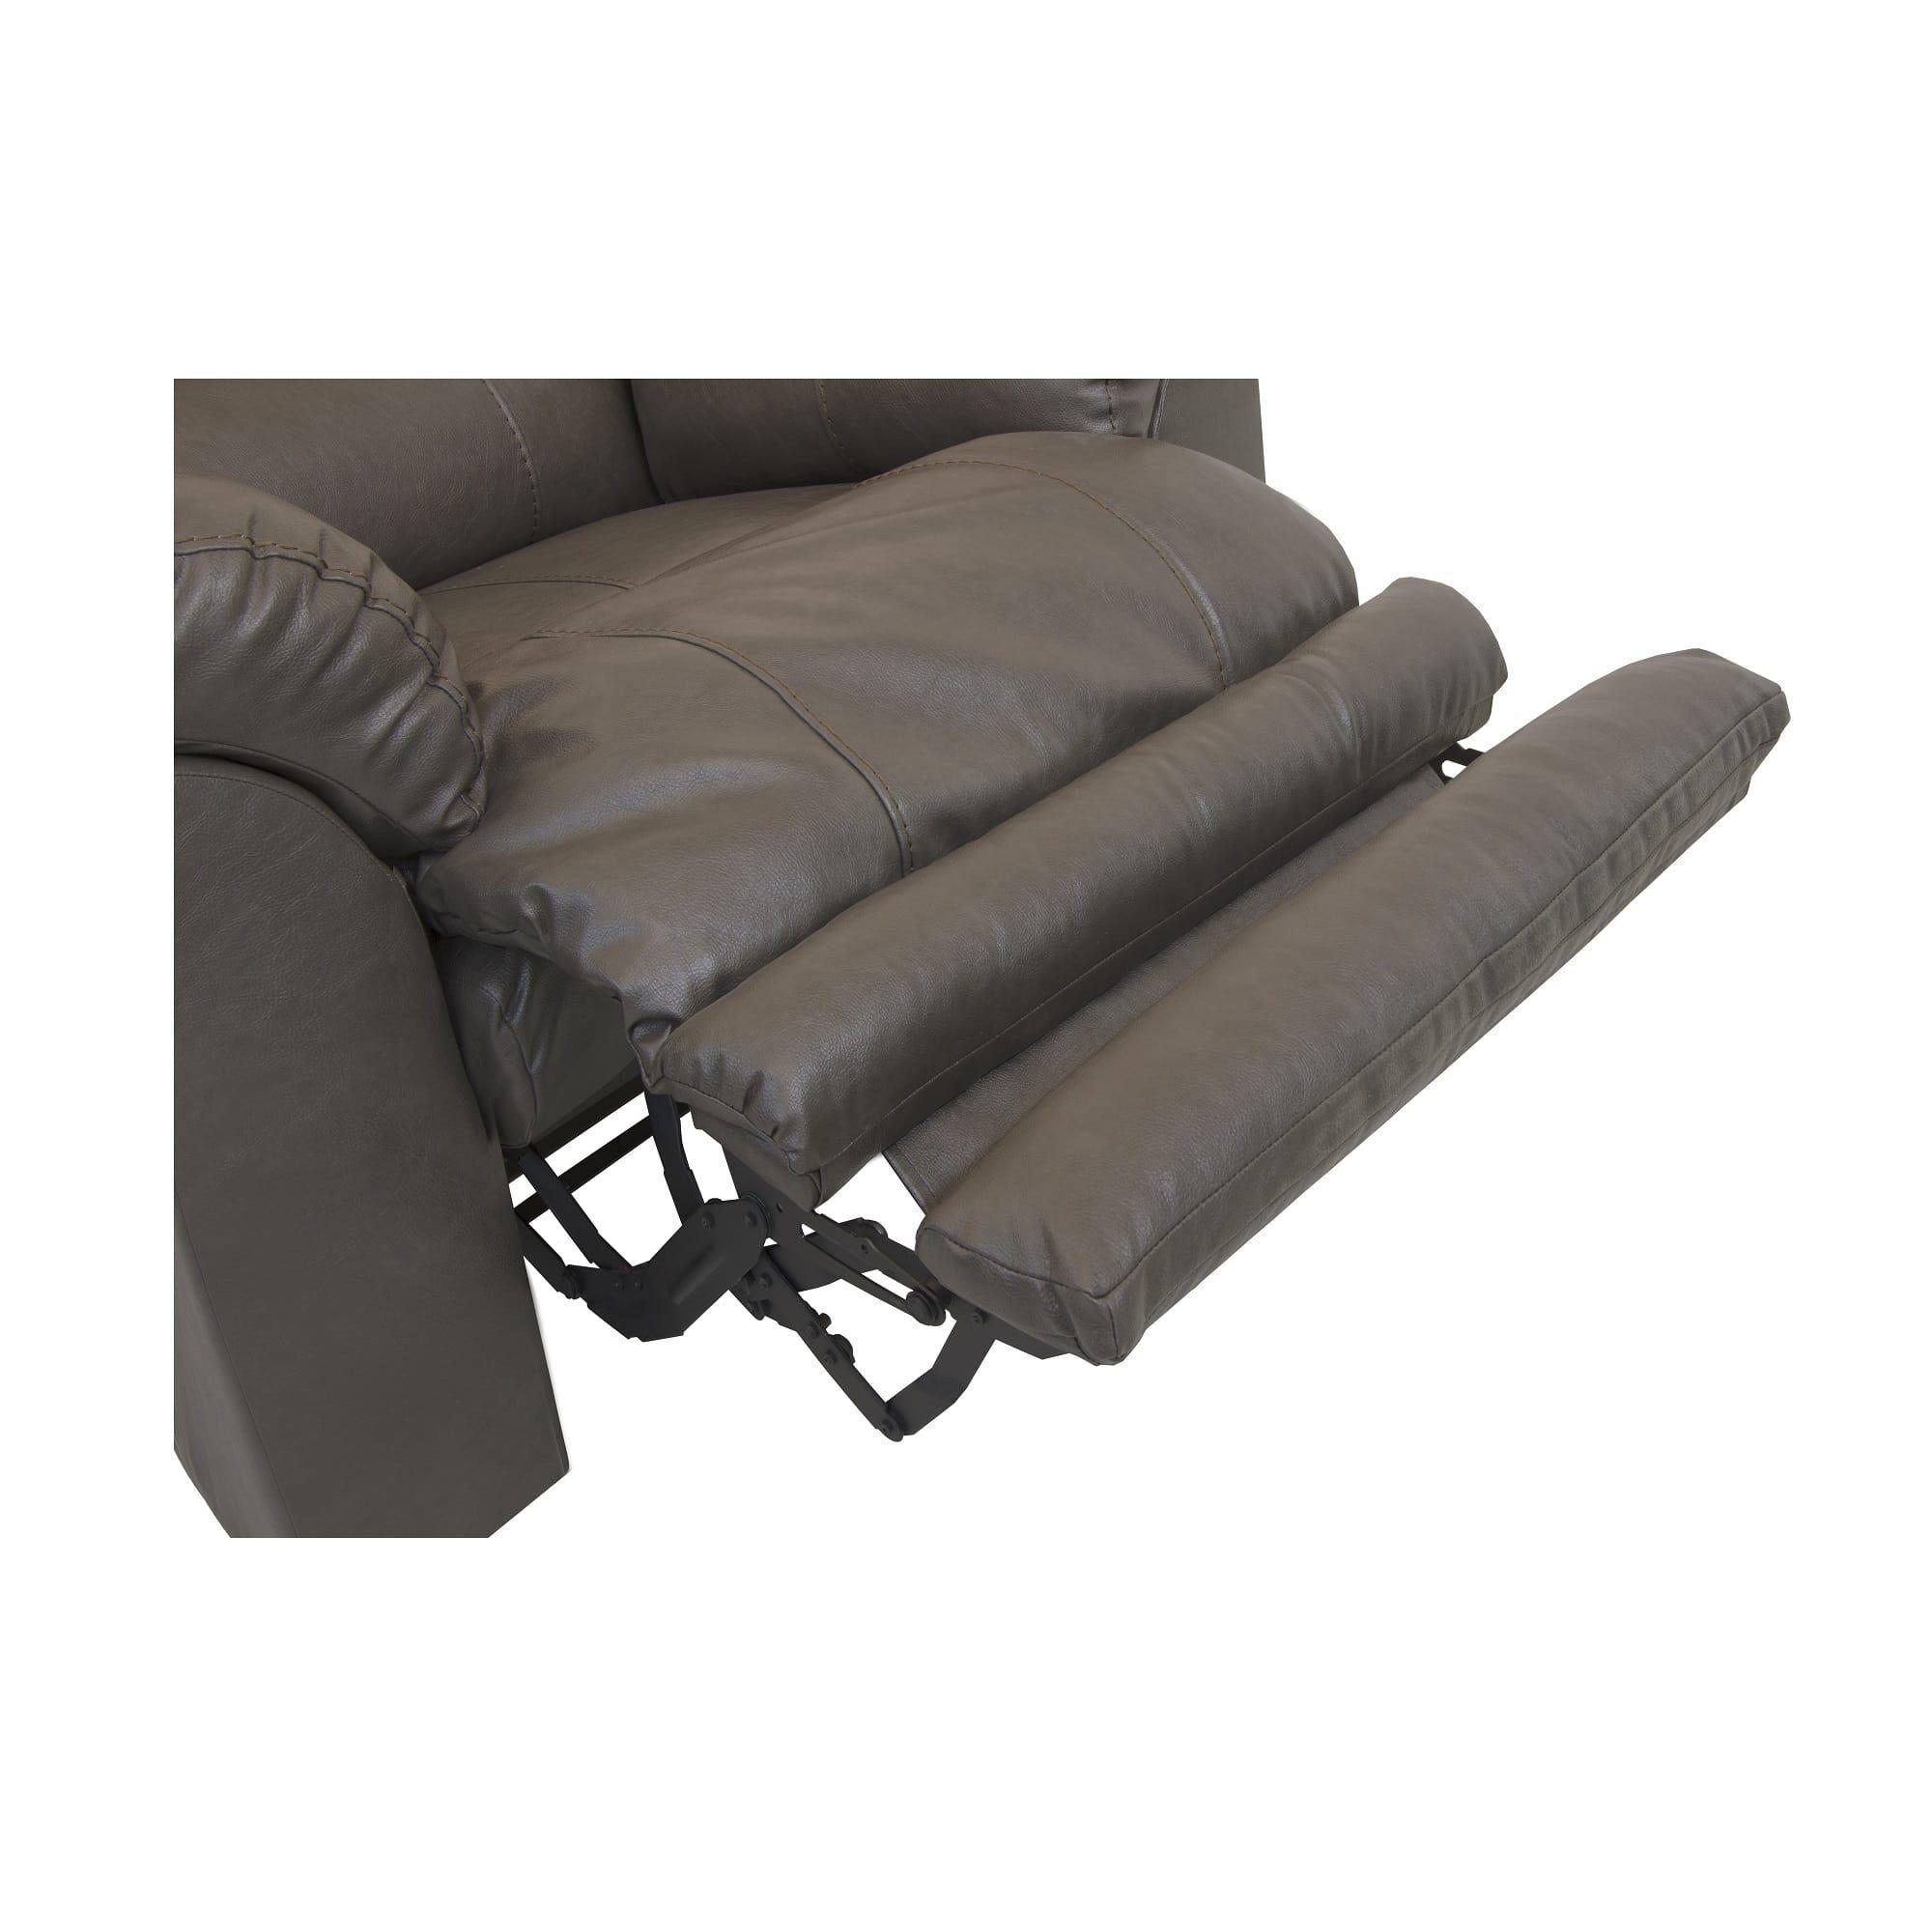 big man chairs futon chair mattress jackson furniture recliners rocker recliner